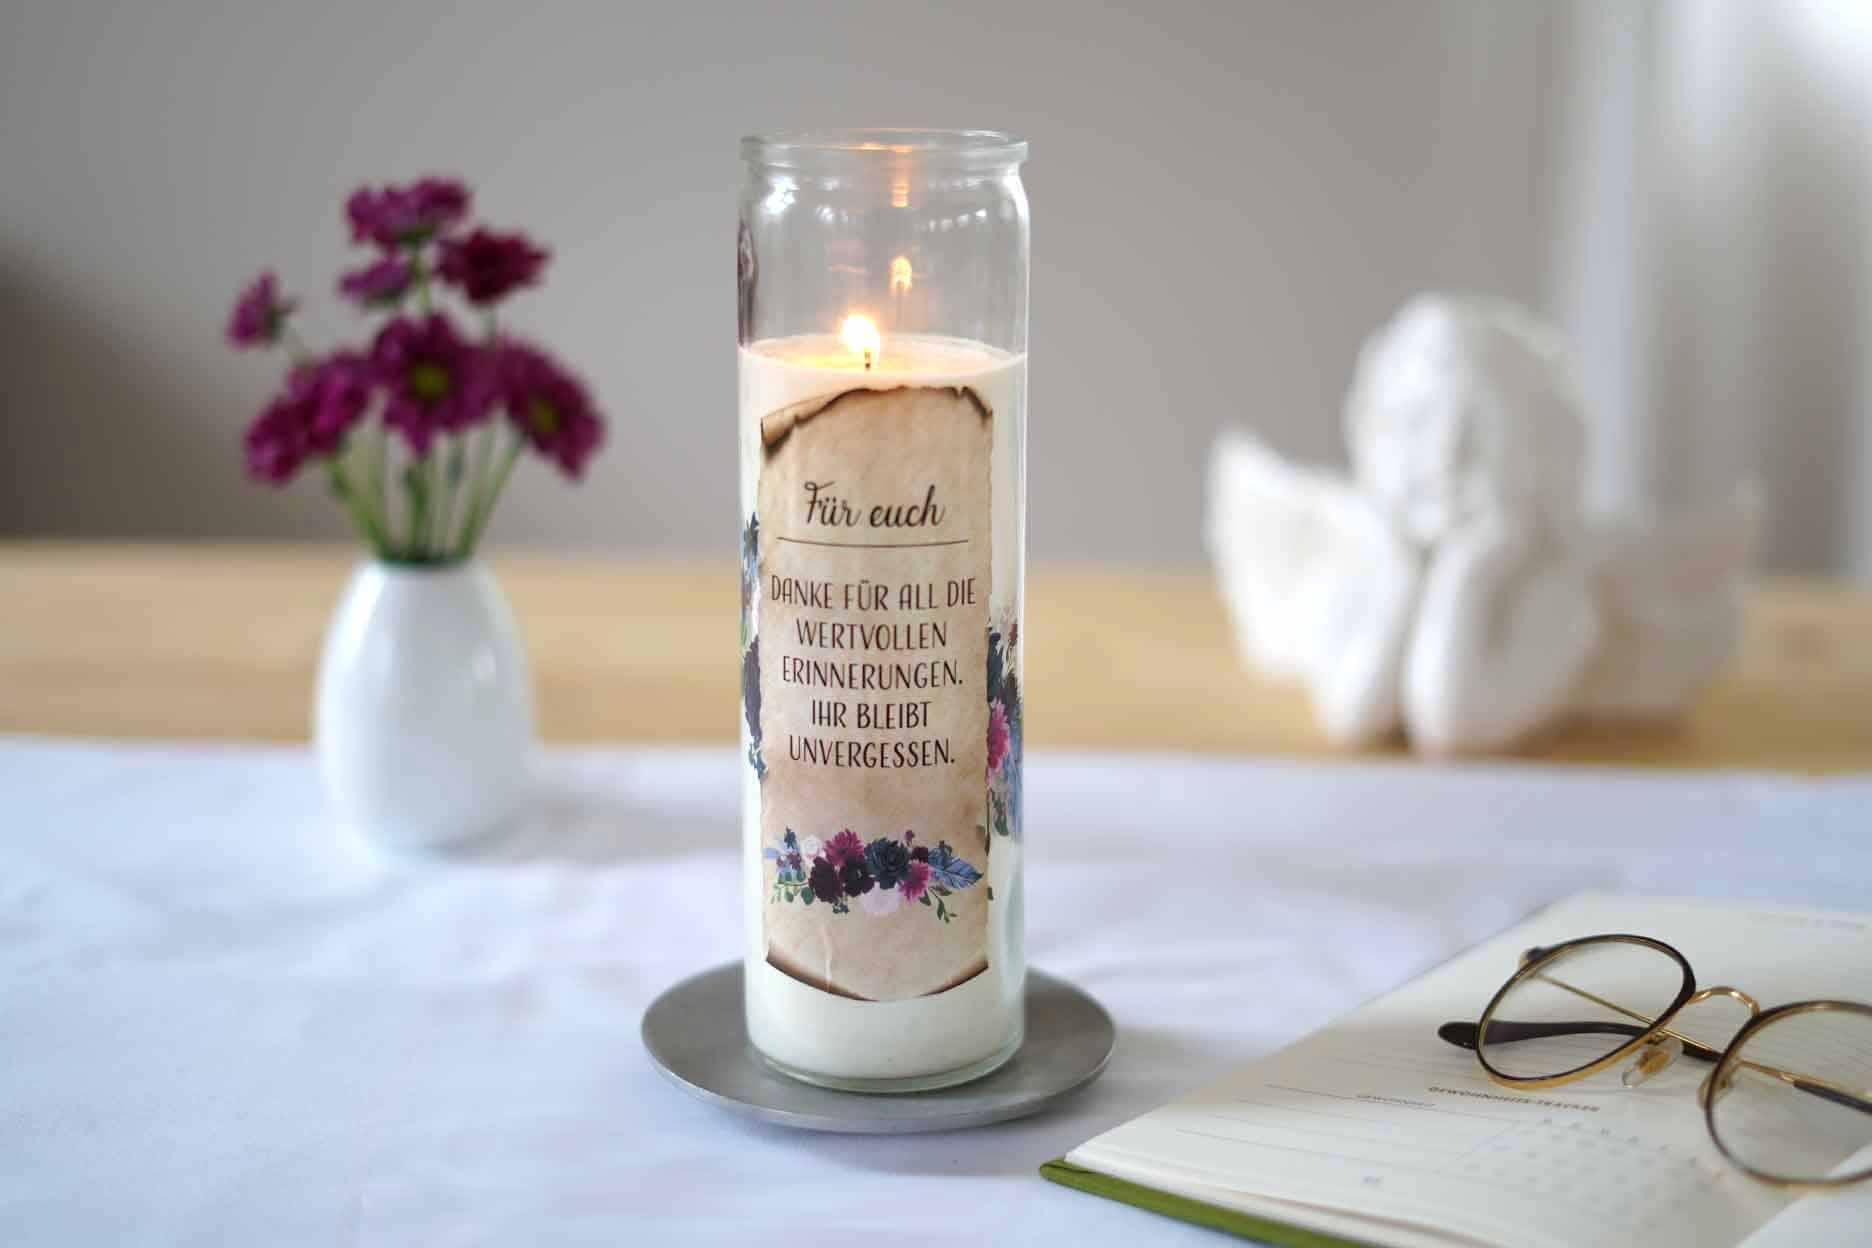 Gedenkkerze neben einem Buch und violetten Blumen auf einem Tisch